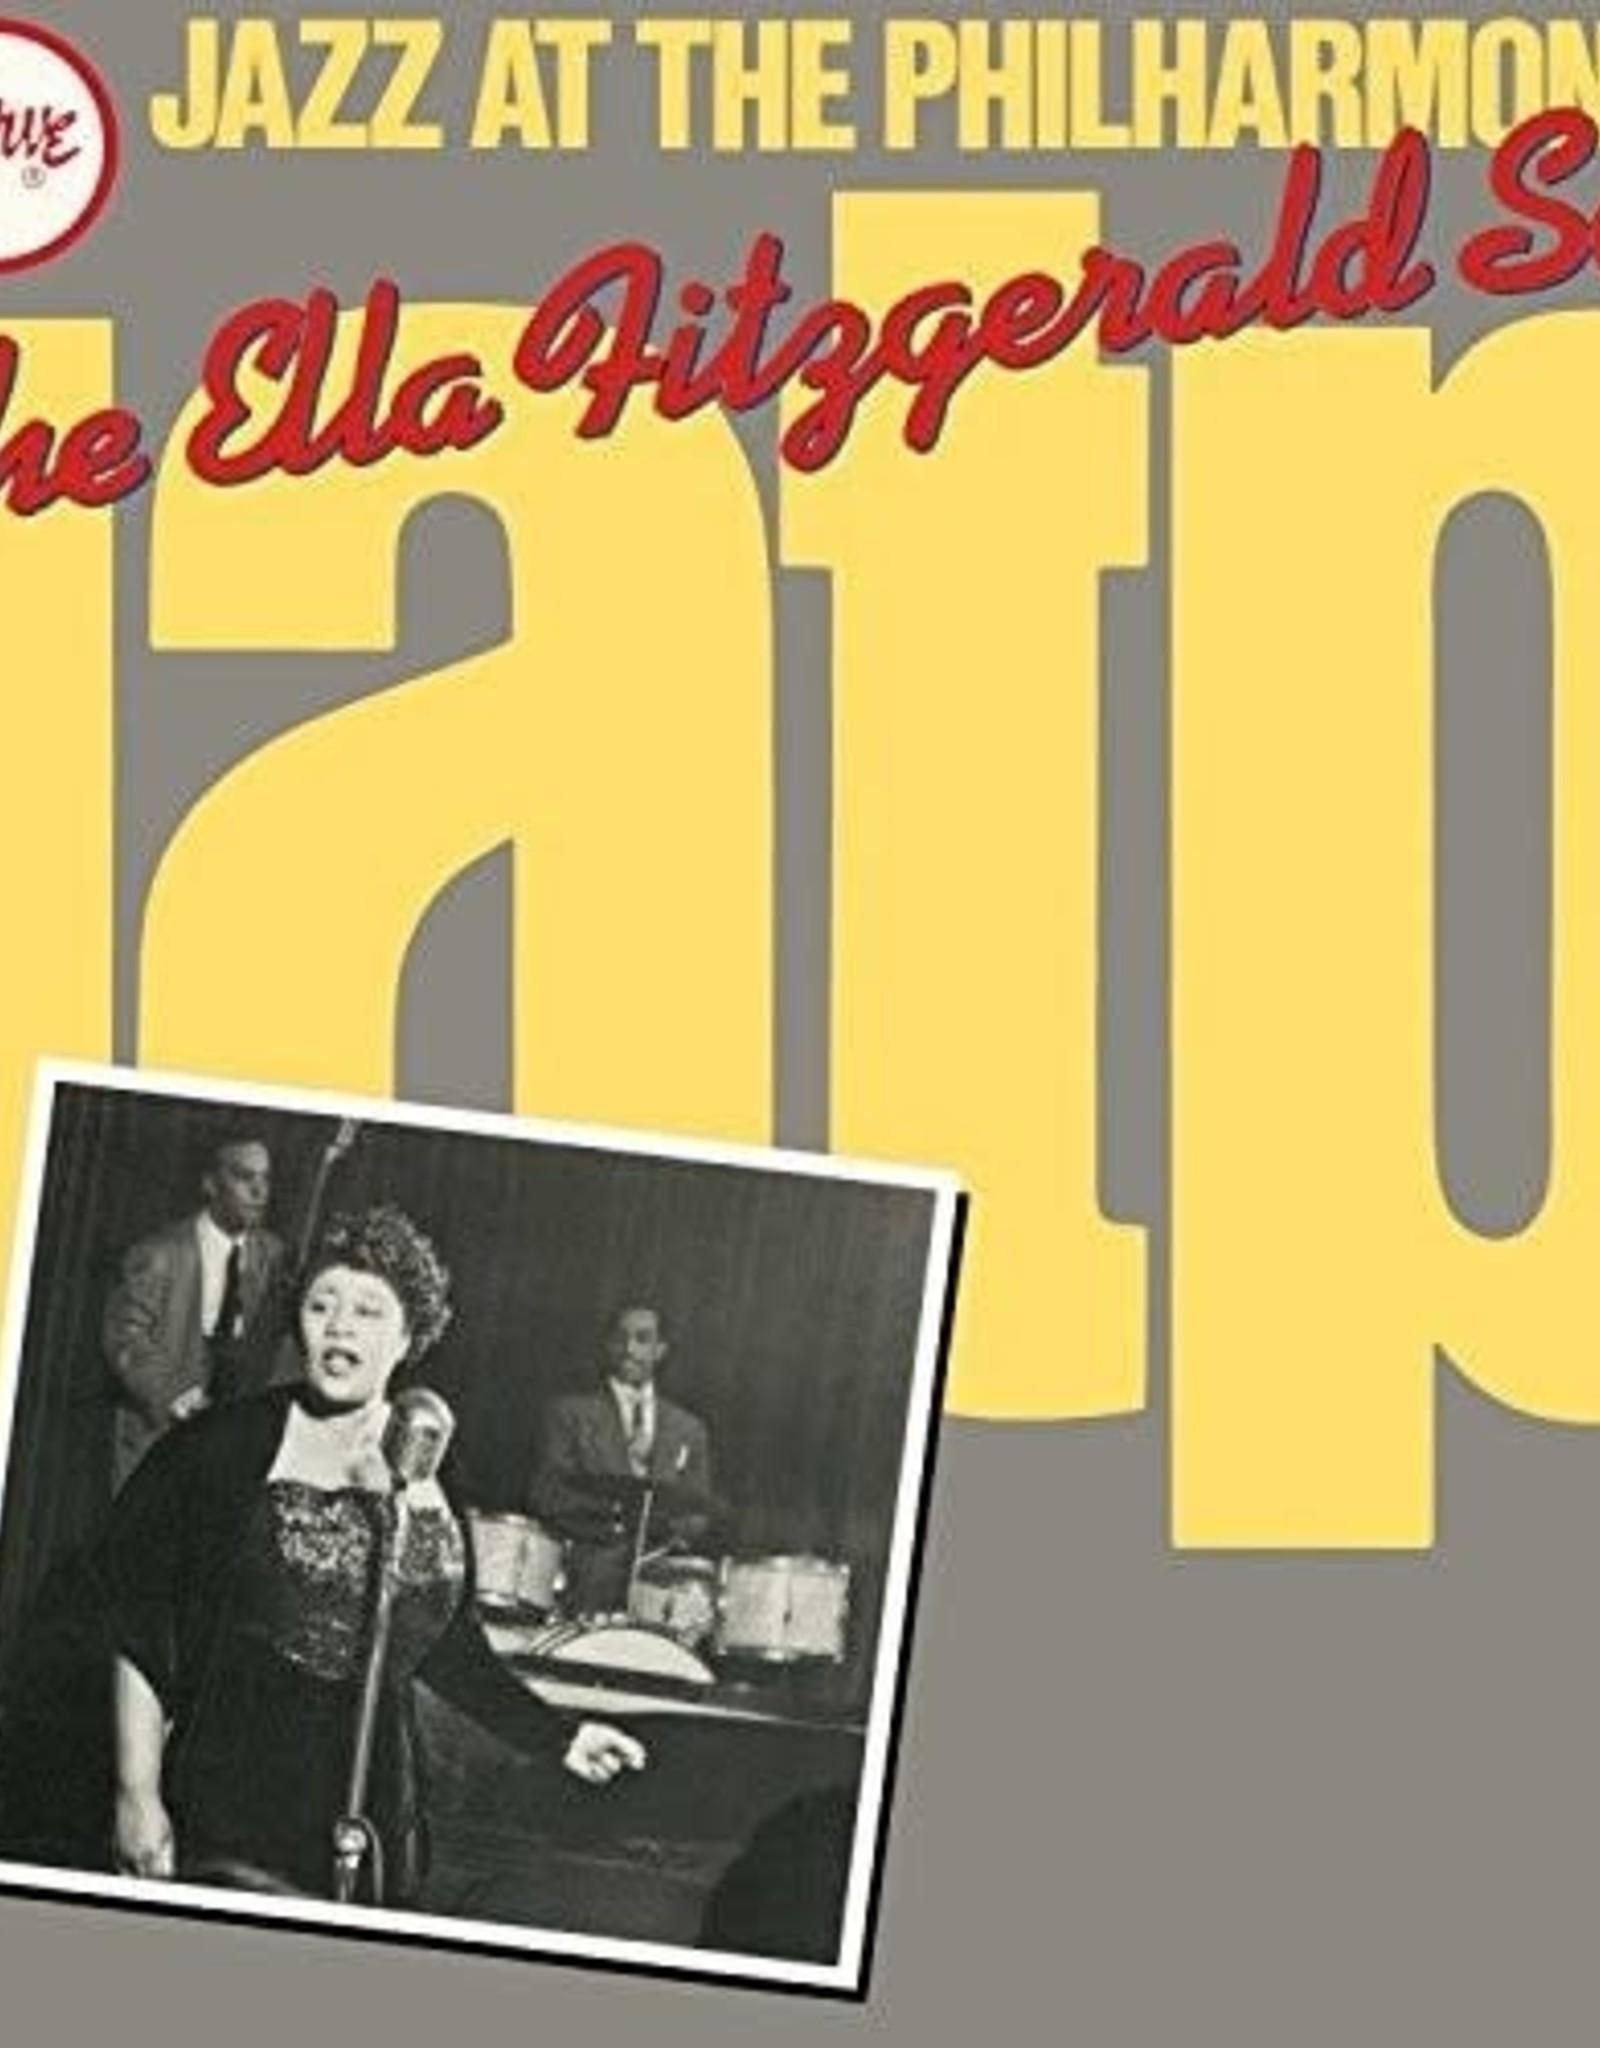 Ella Fitzgerald - Jazz At The Philharmonic: The Ella Fitzgerald Set